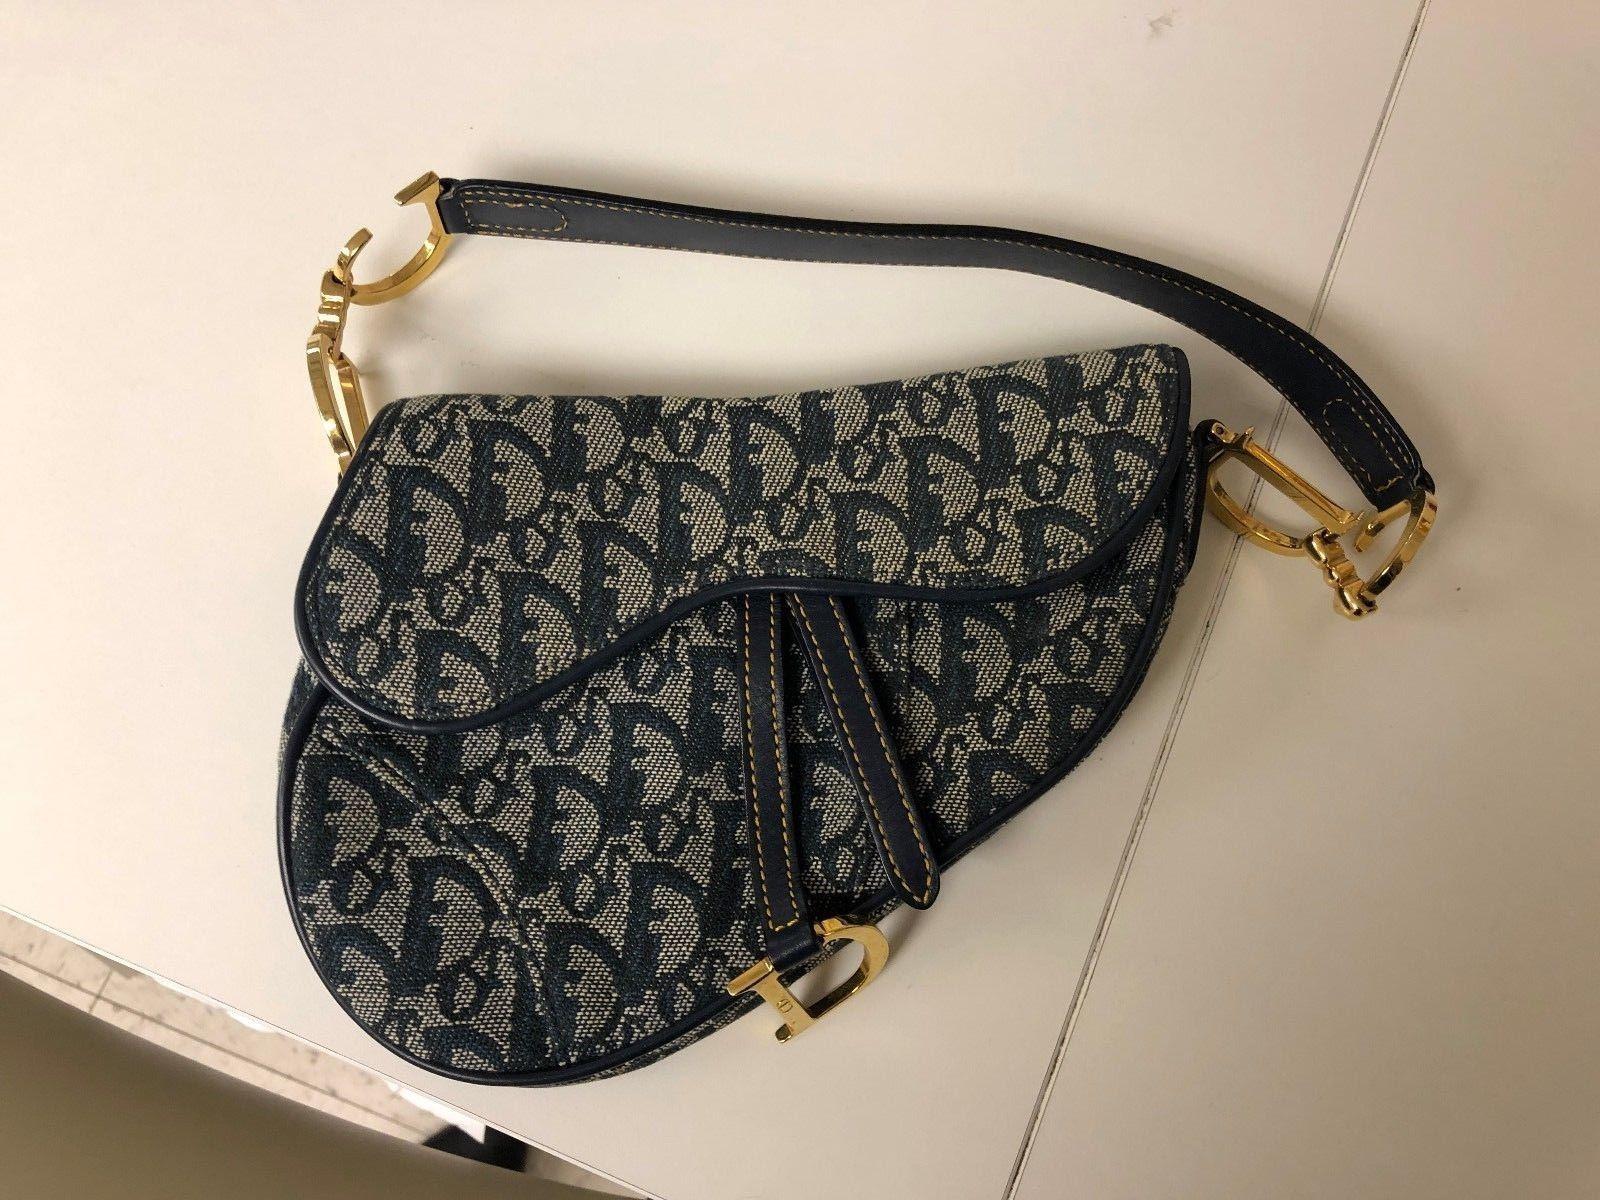 d4e2e6333 Details about Authentic Christian Dior Trotter Saddle Bag Pouch ...